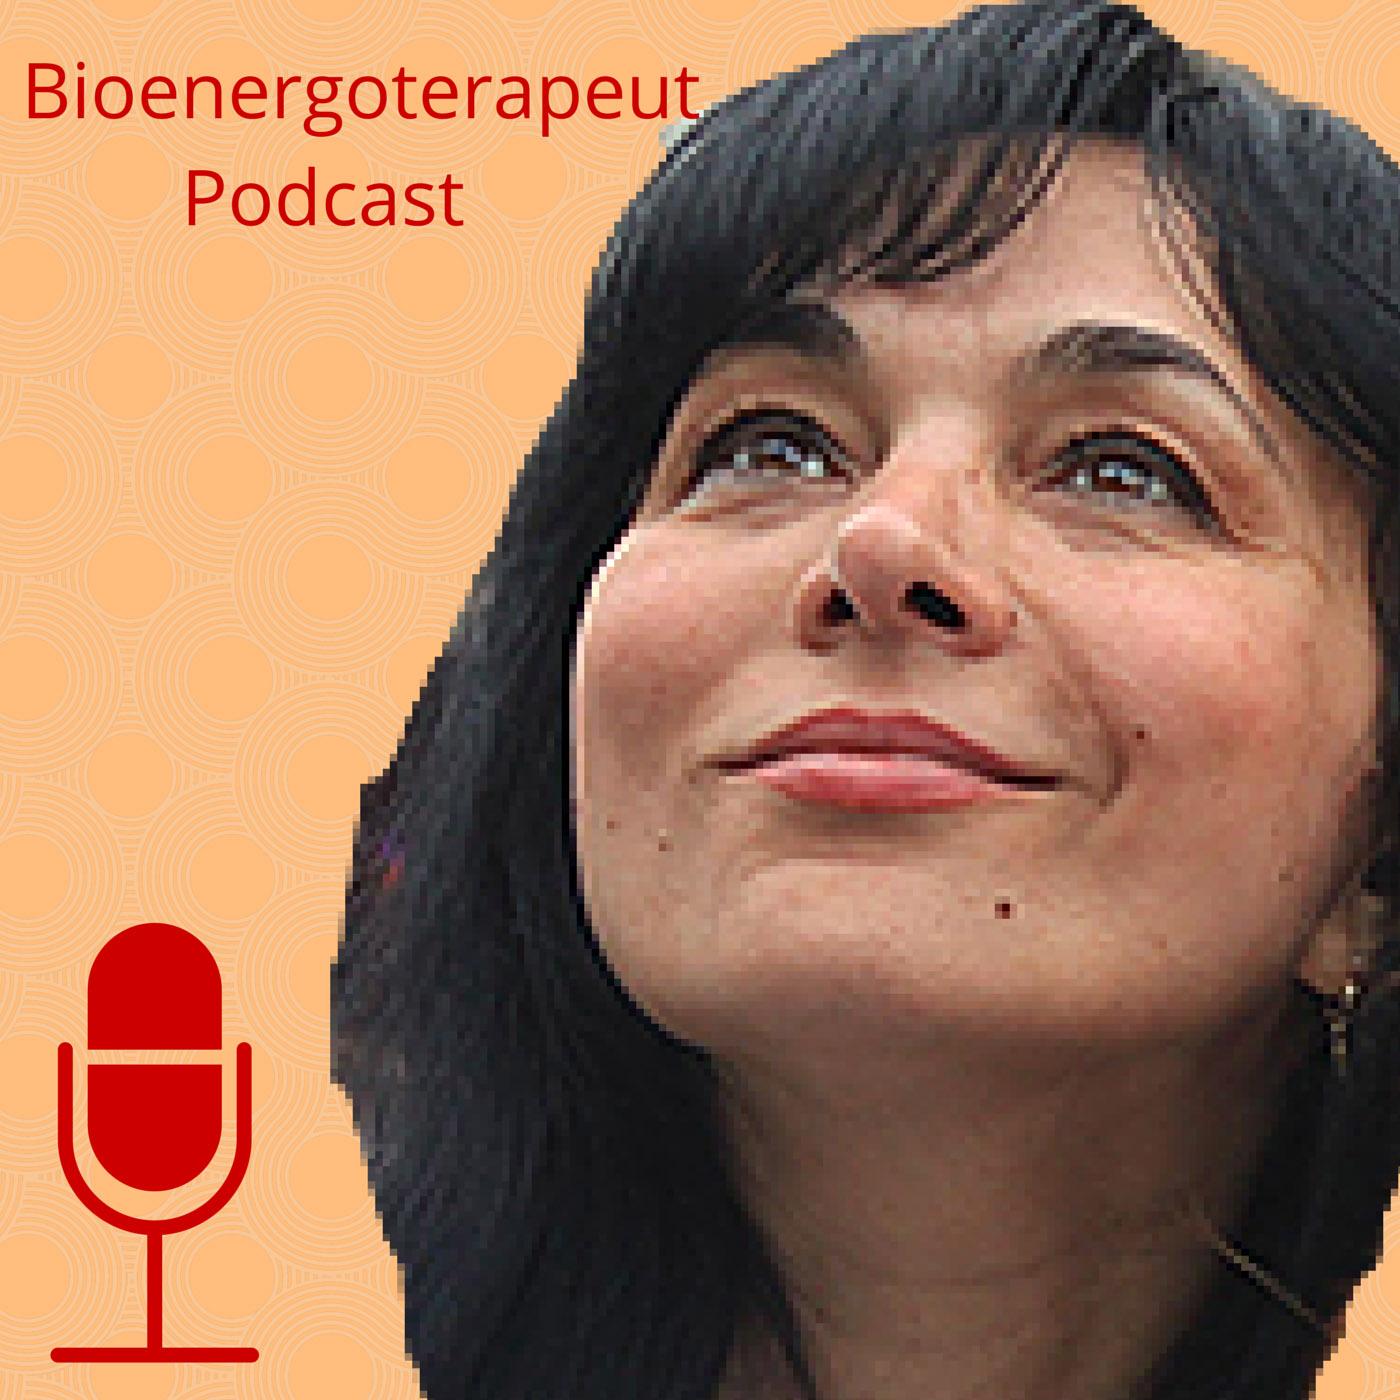 Bioenergoterapeut Podcast- Povești de Viață, Despre Viață, Dezvoltare și Evoluție Spirituală